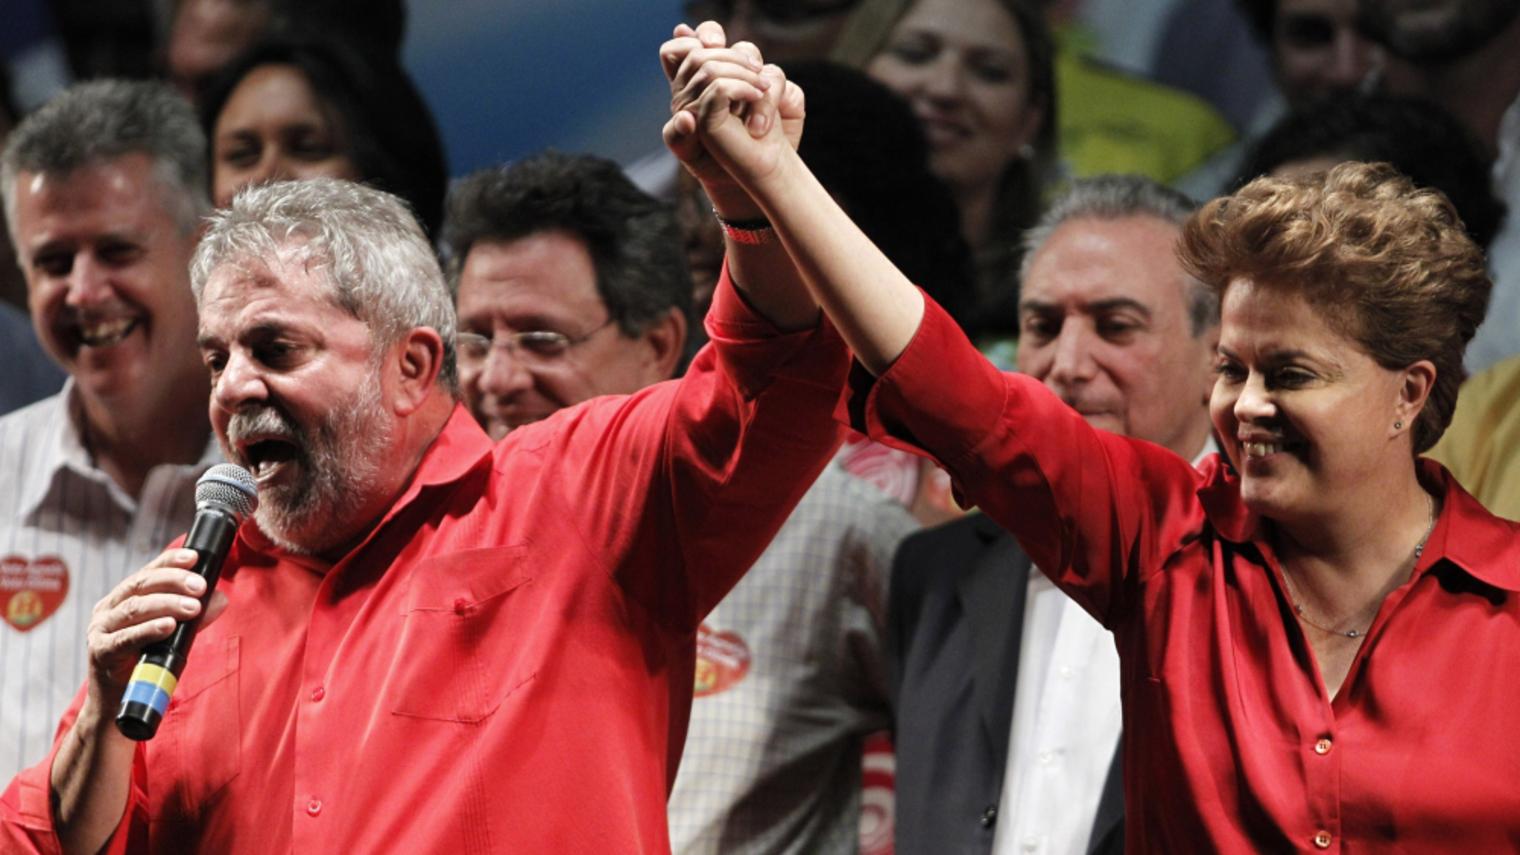 Avis de décès : la « bonne gauche » latino-américaine n'est plus